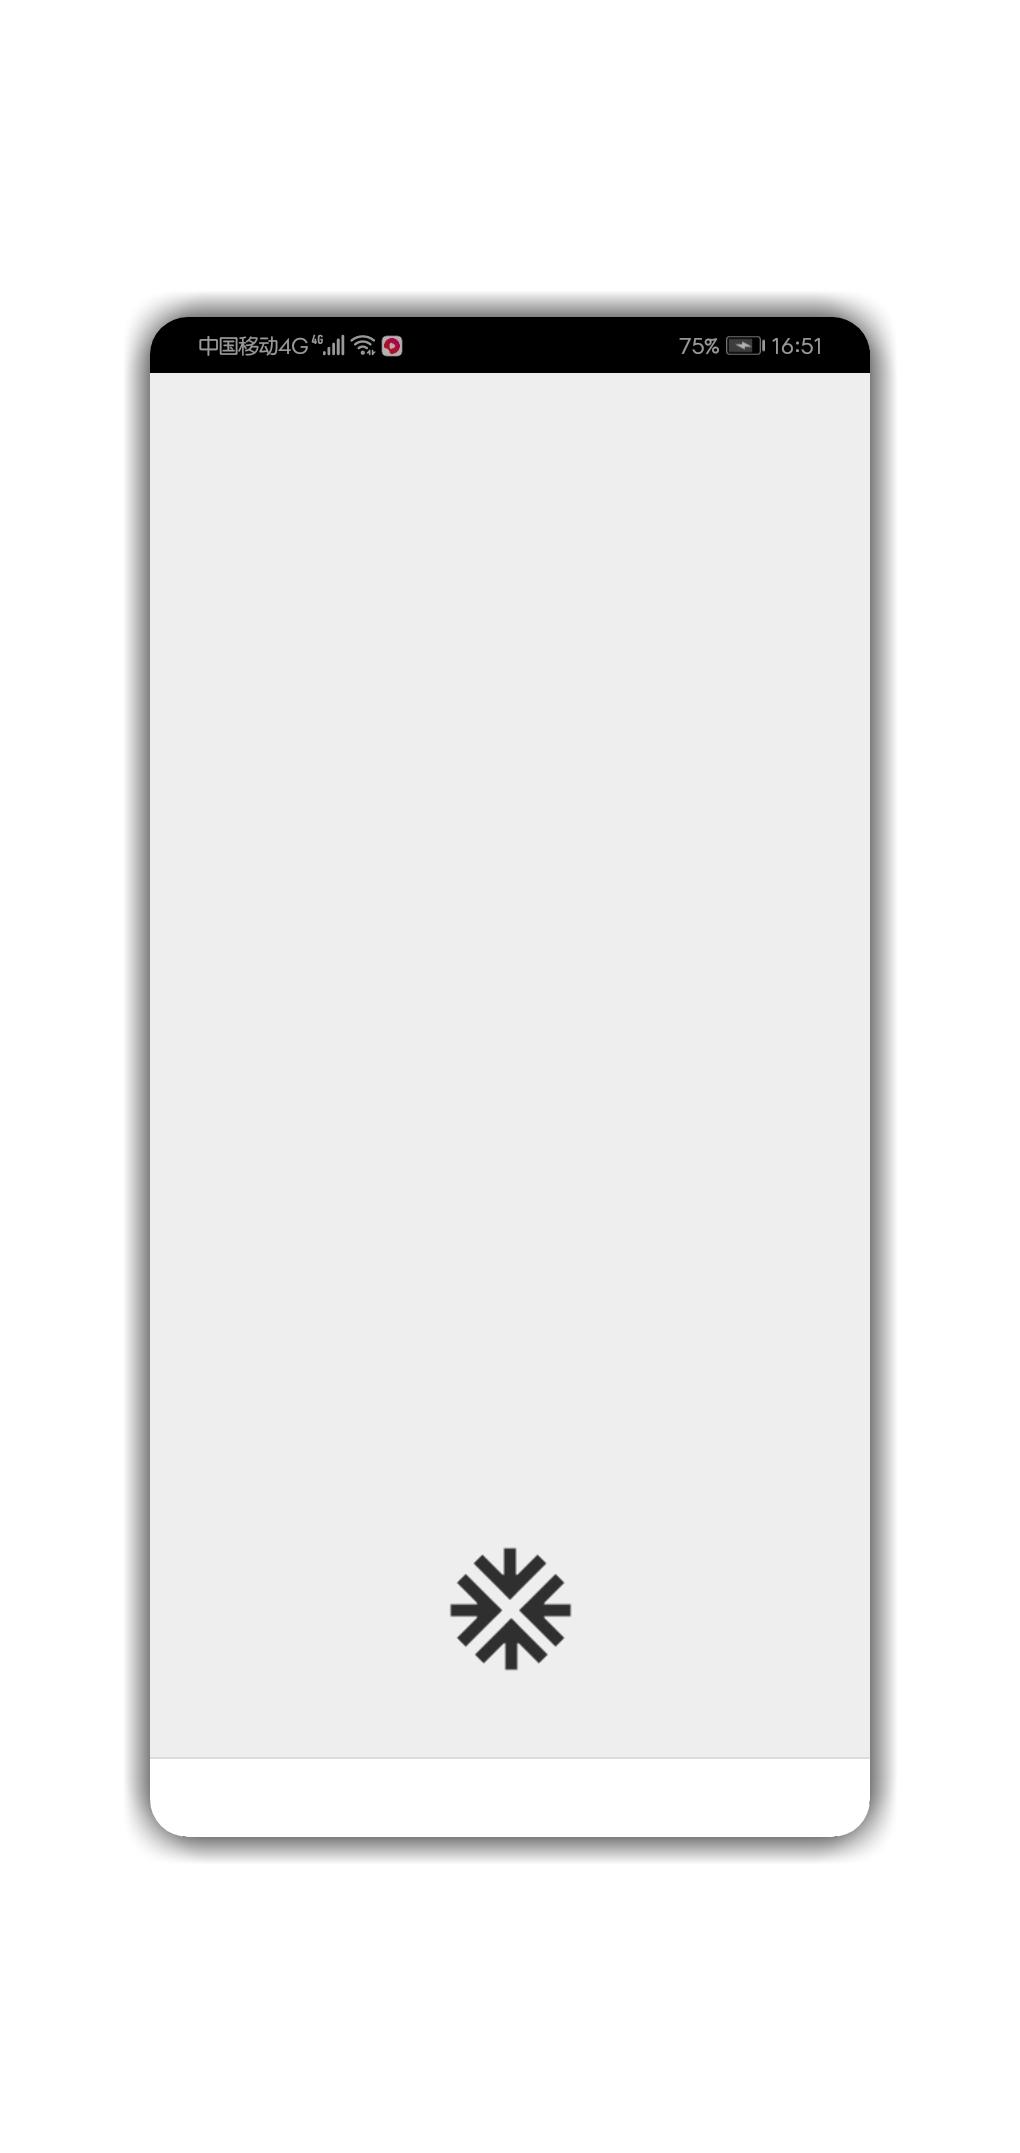 「原创修改」小黑屋.ver.1.9.16.1_Pro版